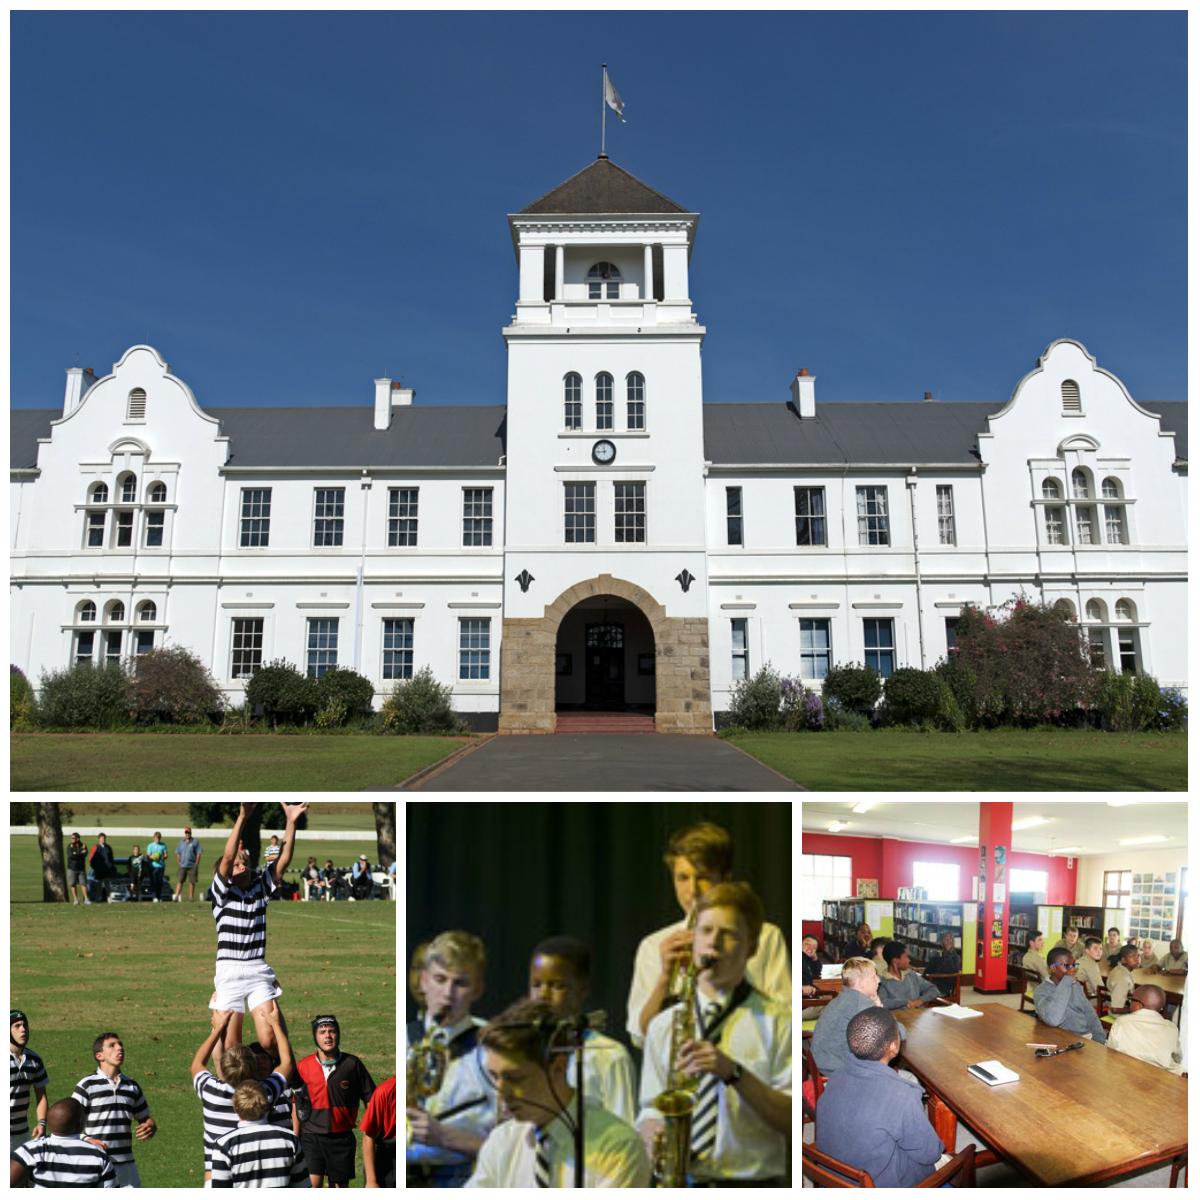 hilton-college